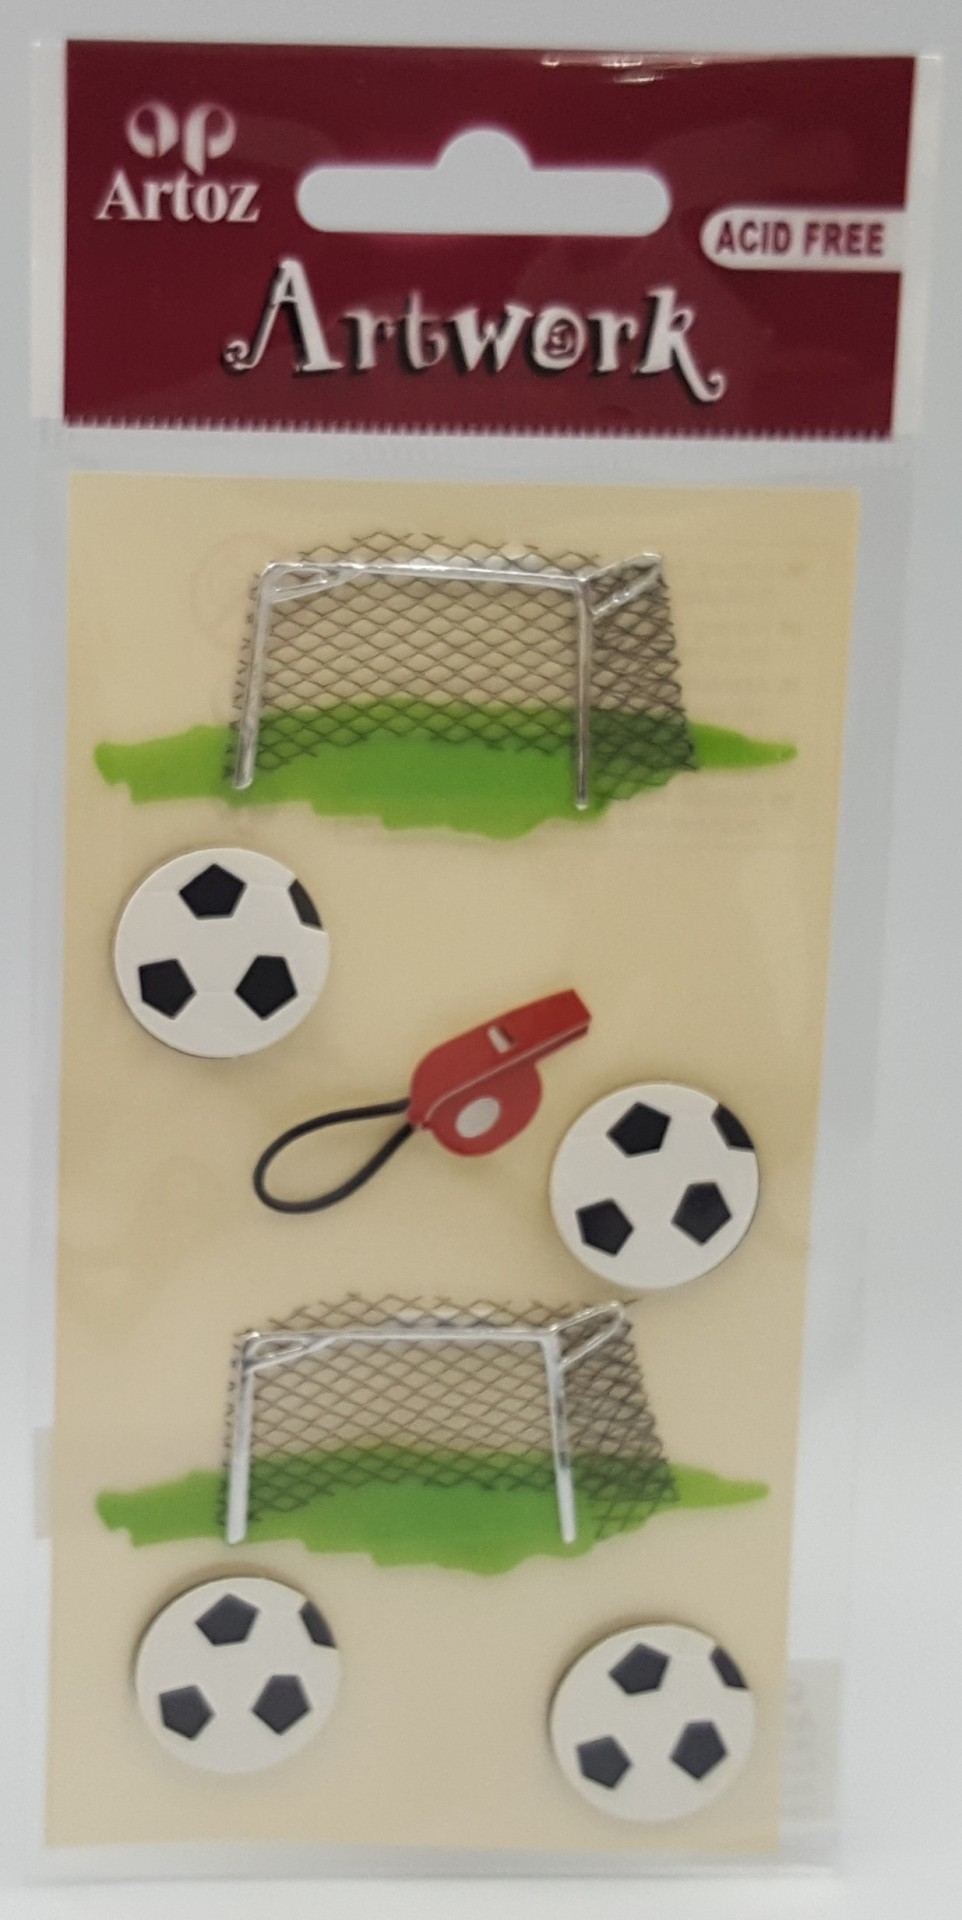 Aplicações scrapbooking futebol-Artoz Artwork